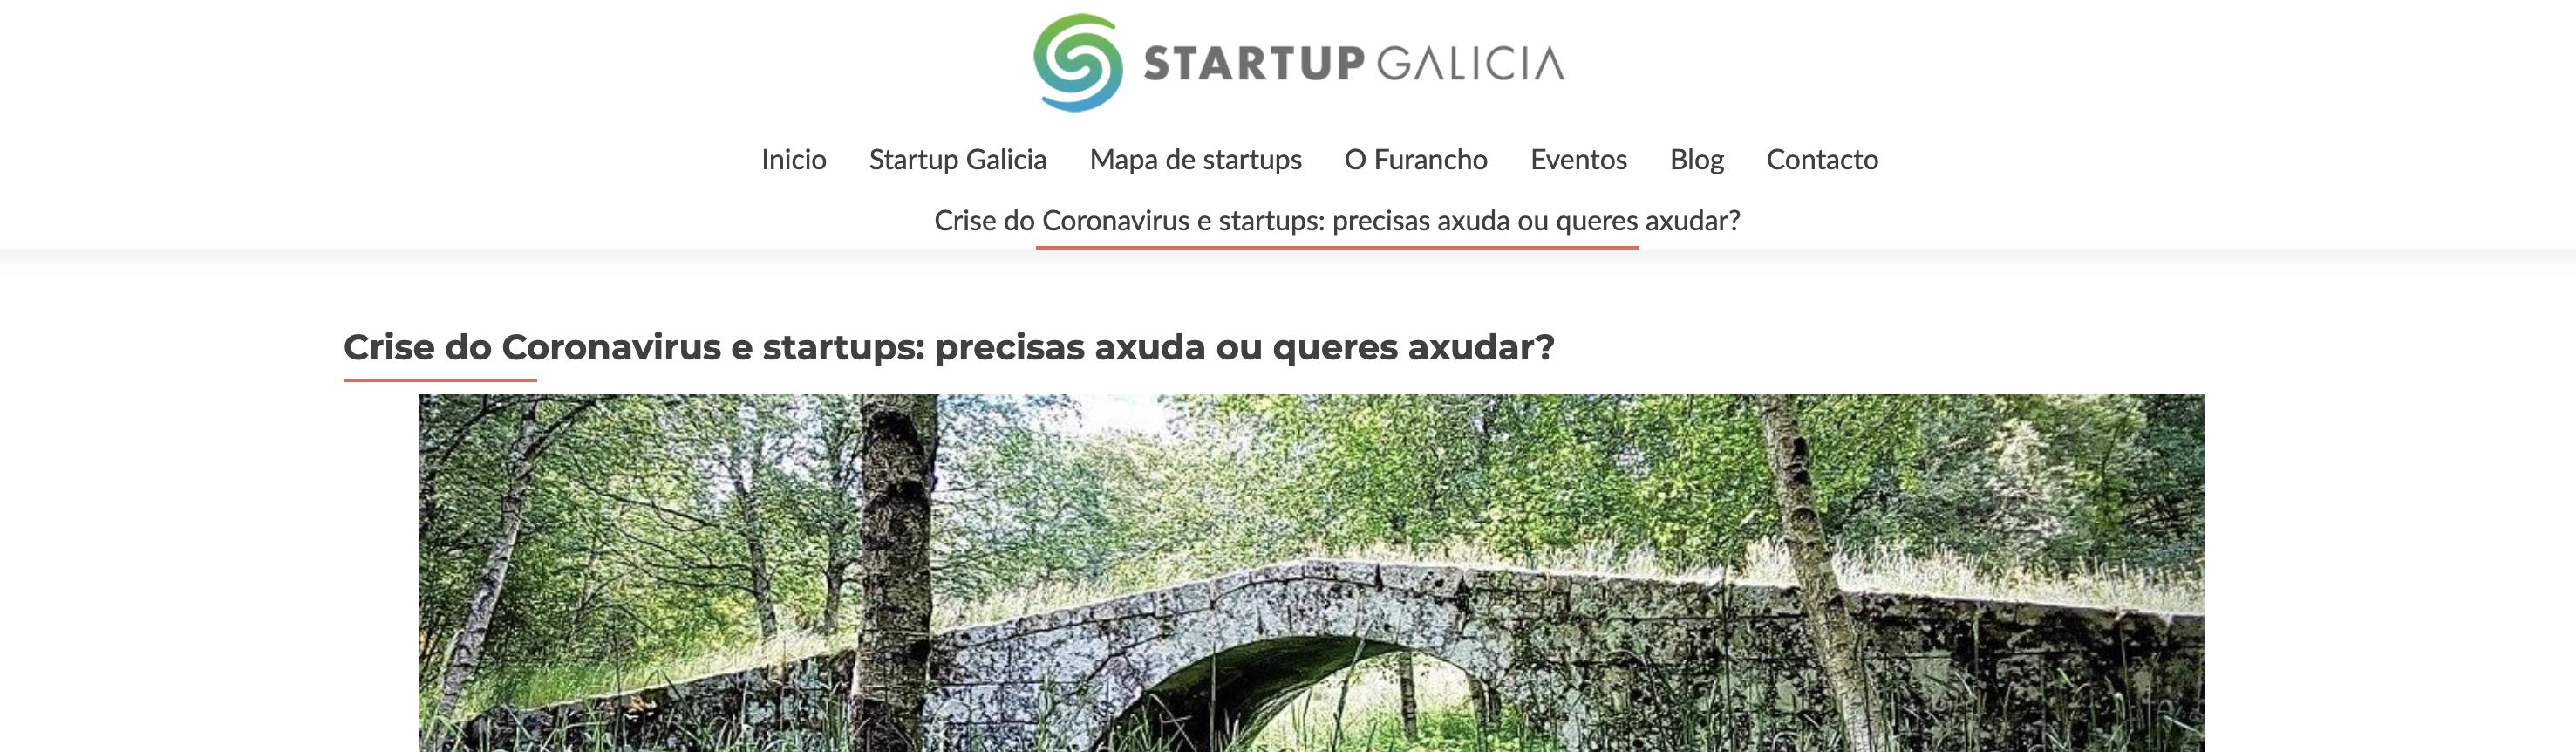 StartupGalicia